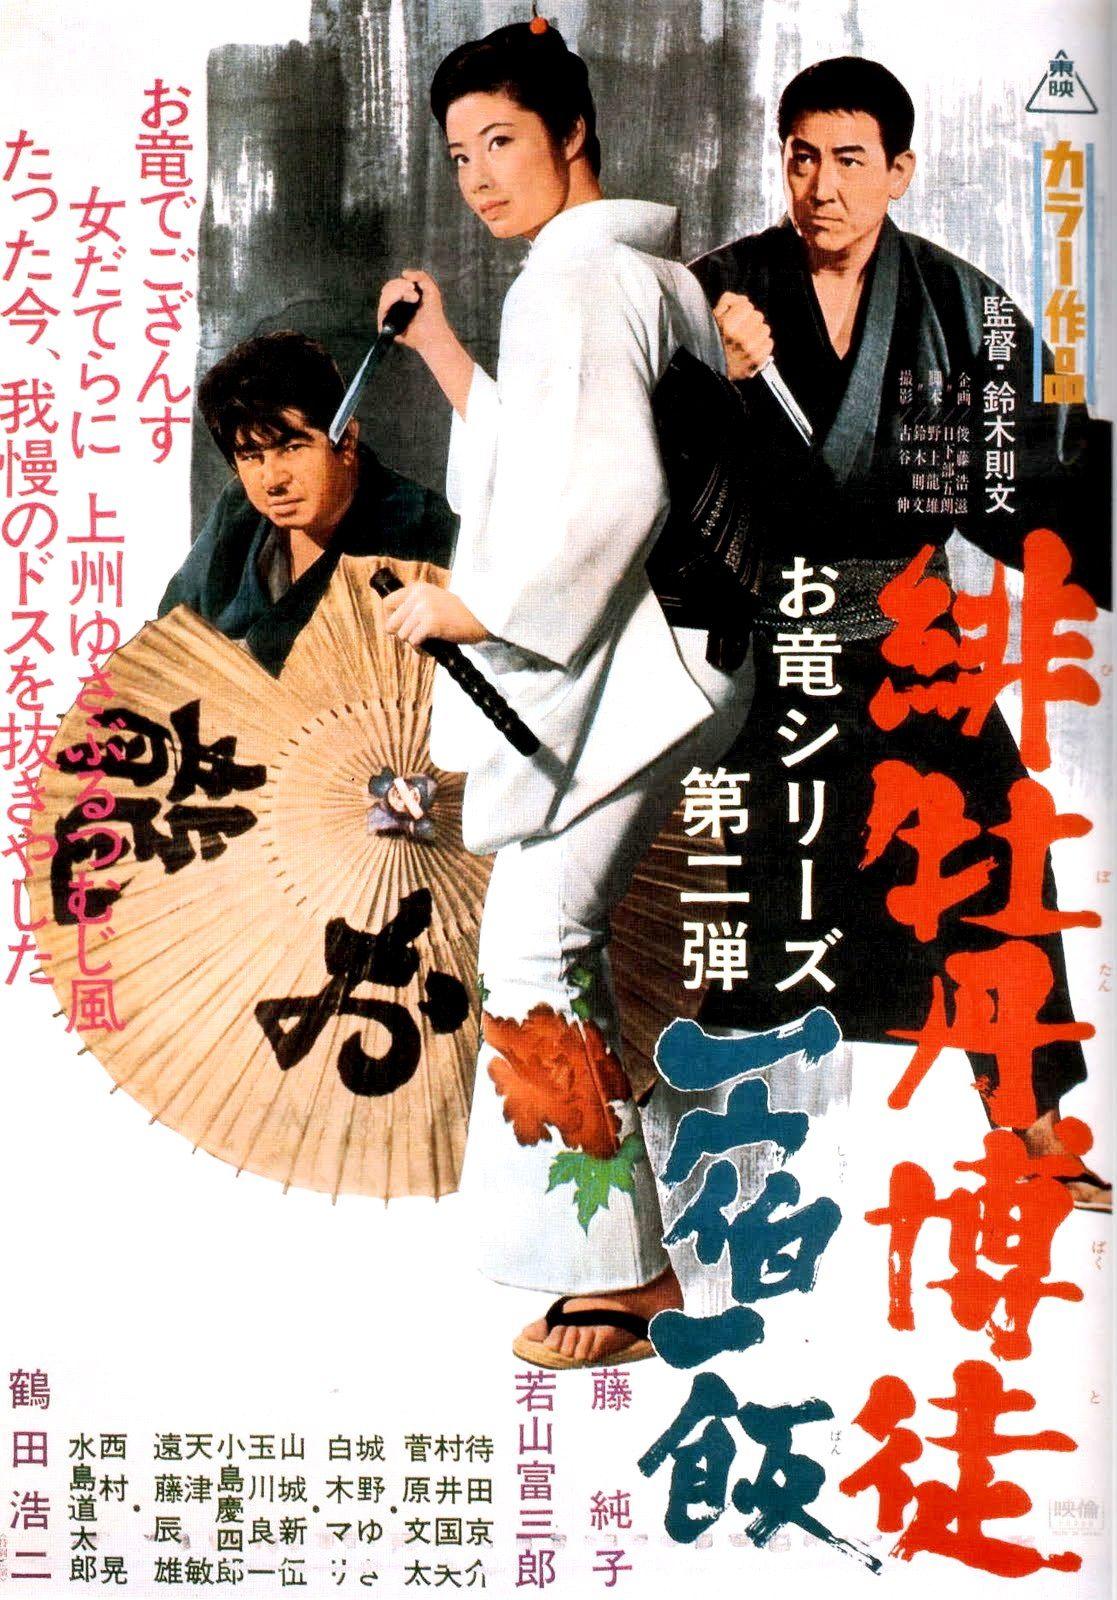 Red Peony Gambler Gambler's Obligation 映画 ポスター, 日本映画, 藤純子